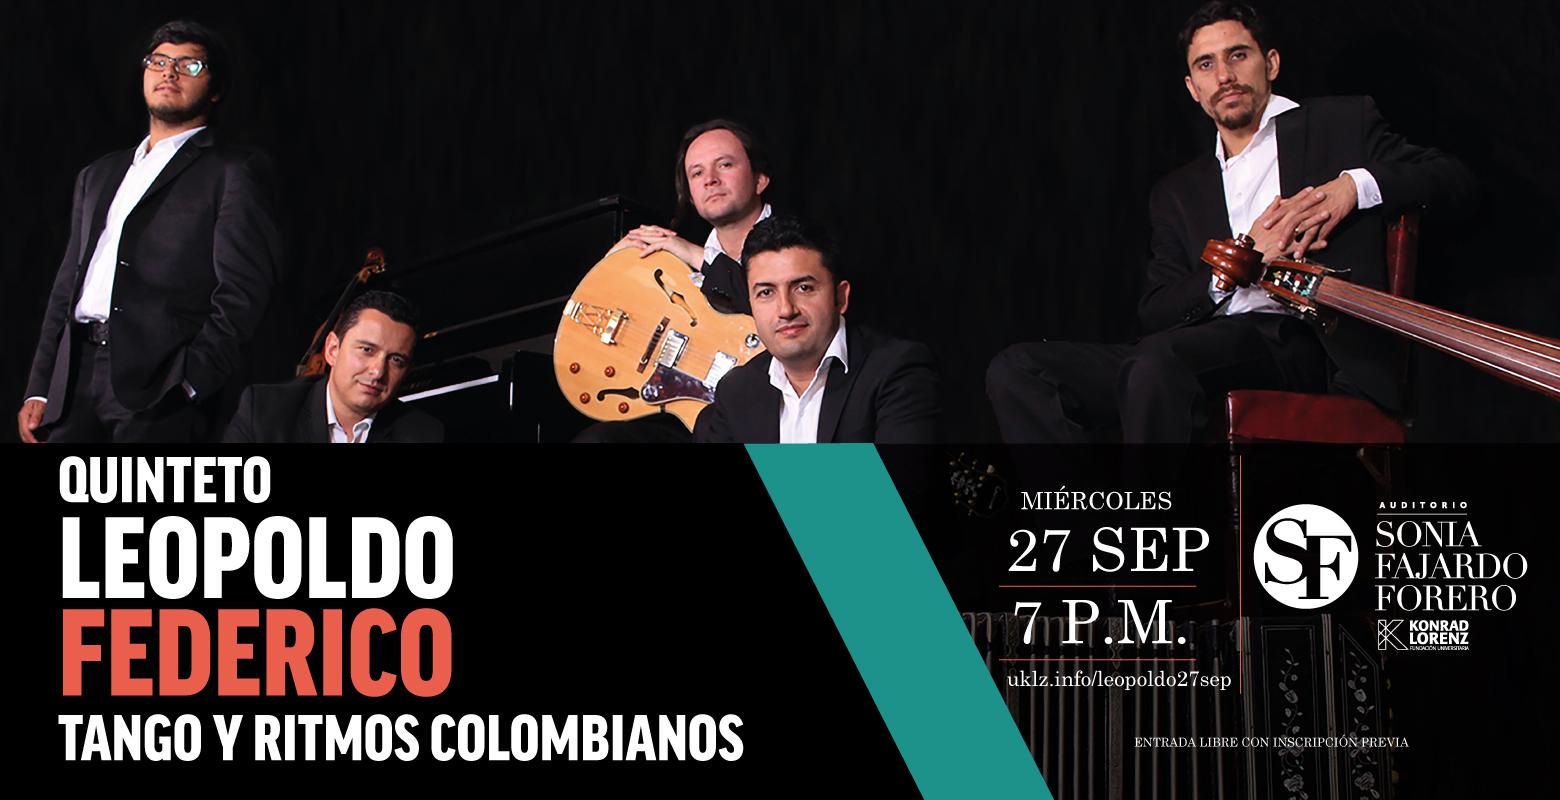 Concierto: Quinteto Leopoldo Federico. Tango y Ritmos Colombianos